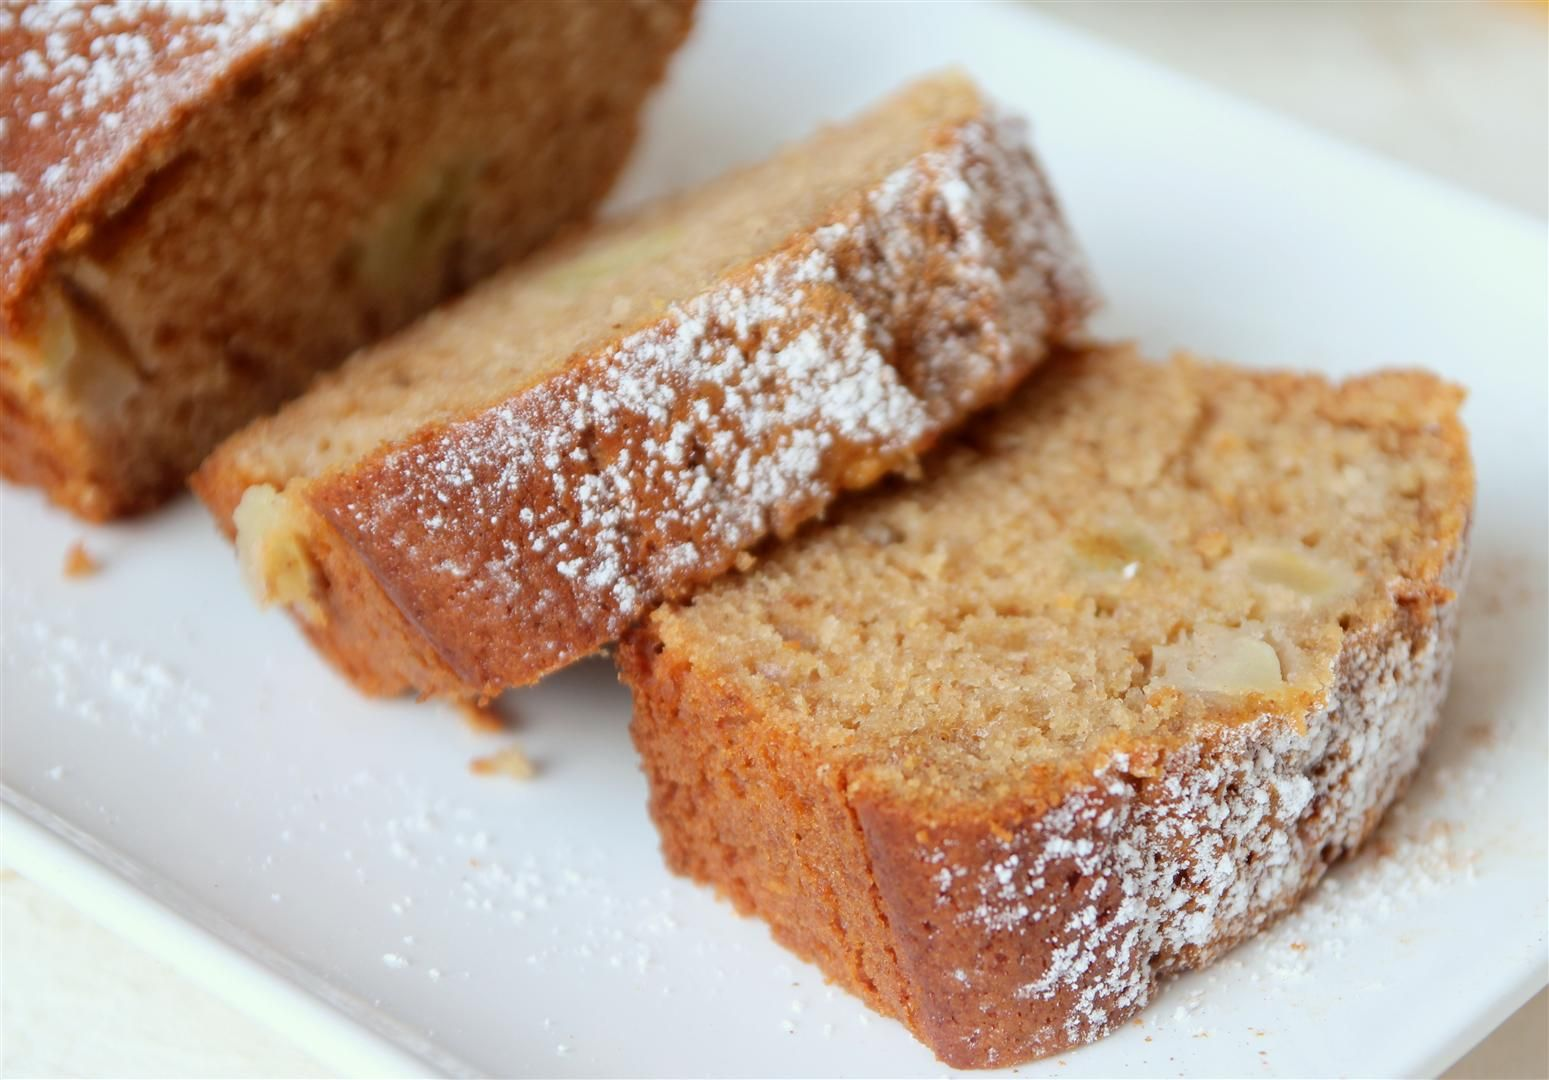 עוגת דבש מתובלת עם תפוחי עץ